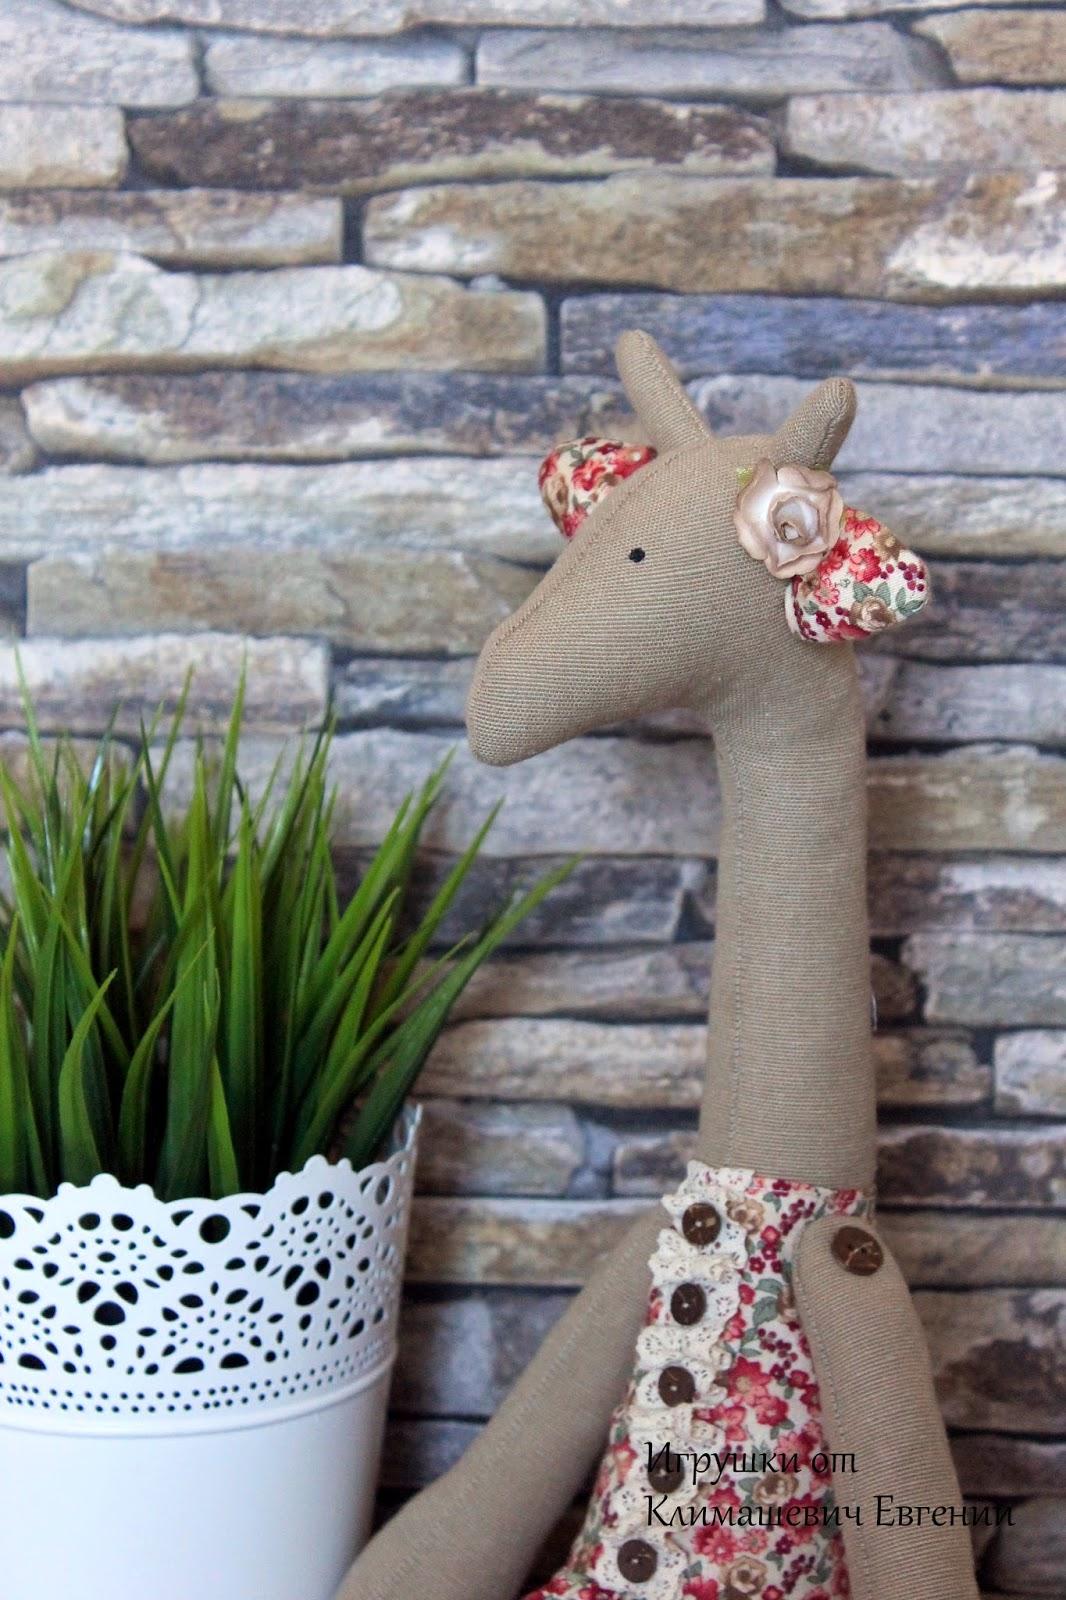 Жираф, тильда жираф, игрушка жираф, текстильная игрушка, игрушки ручной работы, интерьерные игрушки, тильда